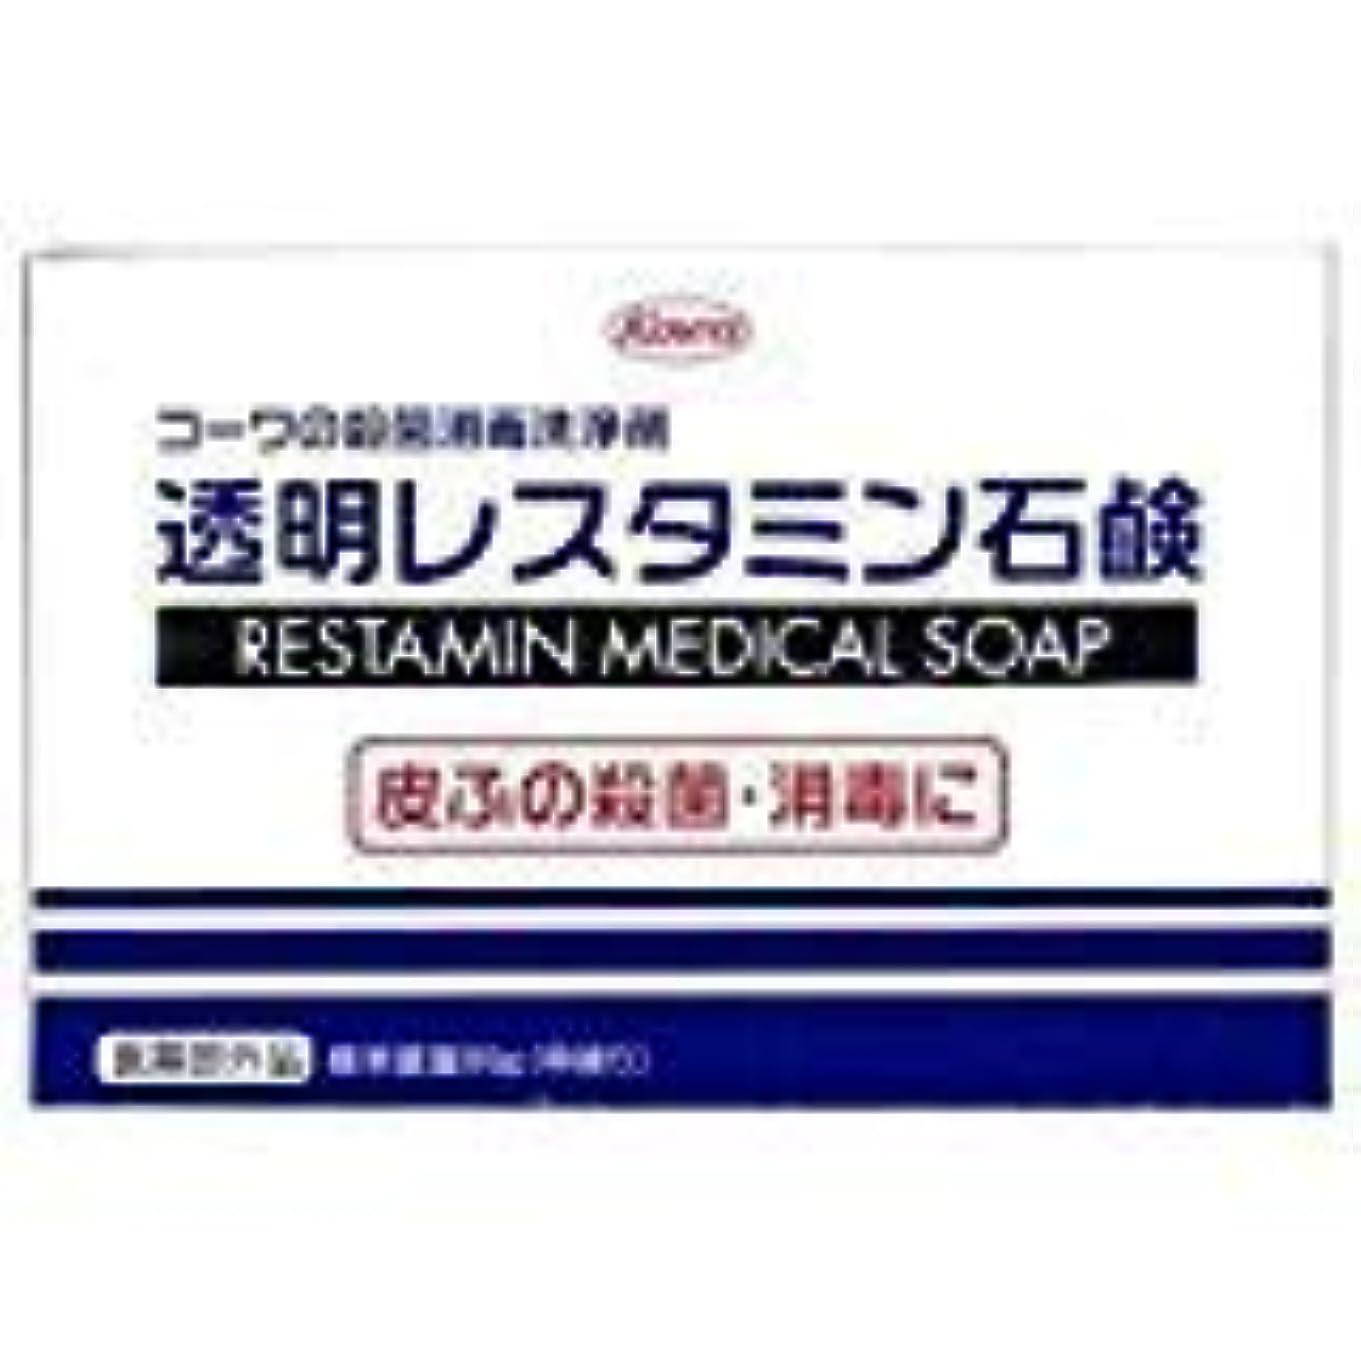 効果的にそよ風うそつき【興和】コーワの殺菌消毒洗浄剤「透明レスタミン石鹸」80g(医薬部外品) ×20個セット